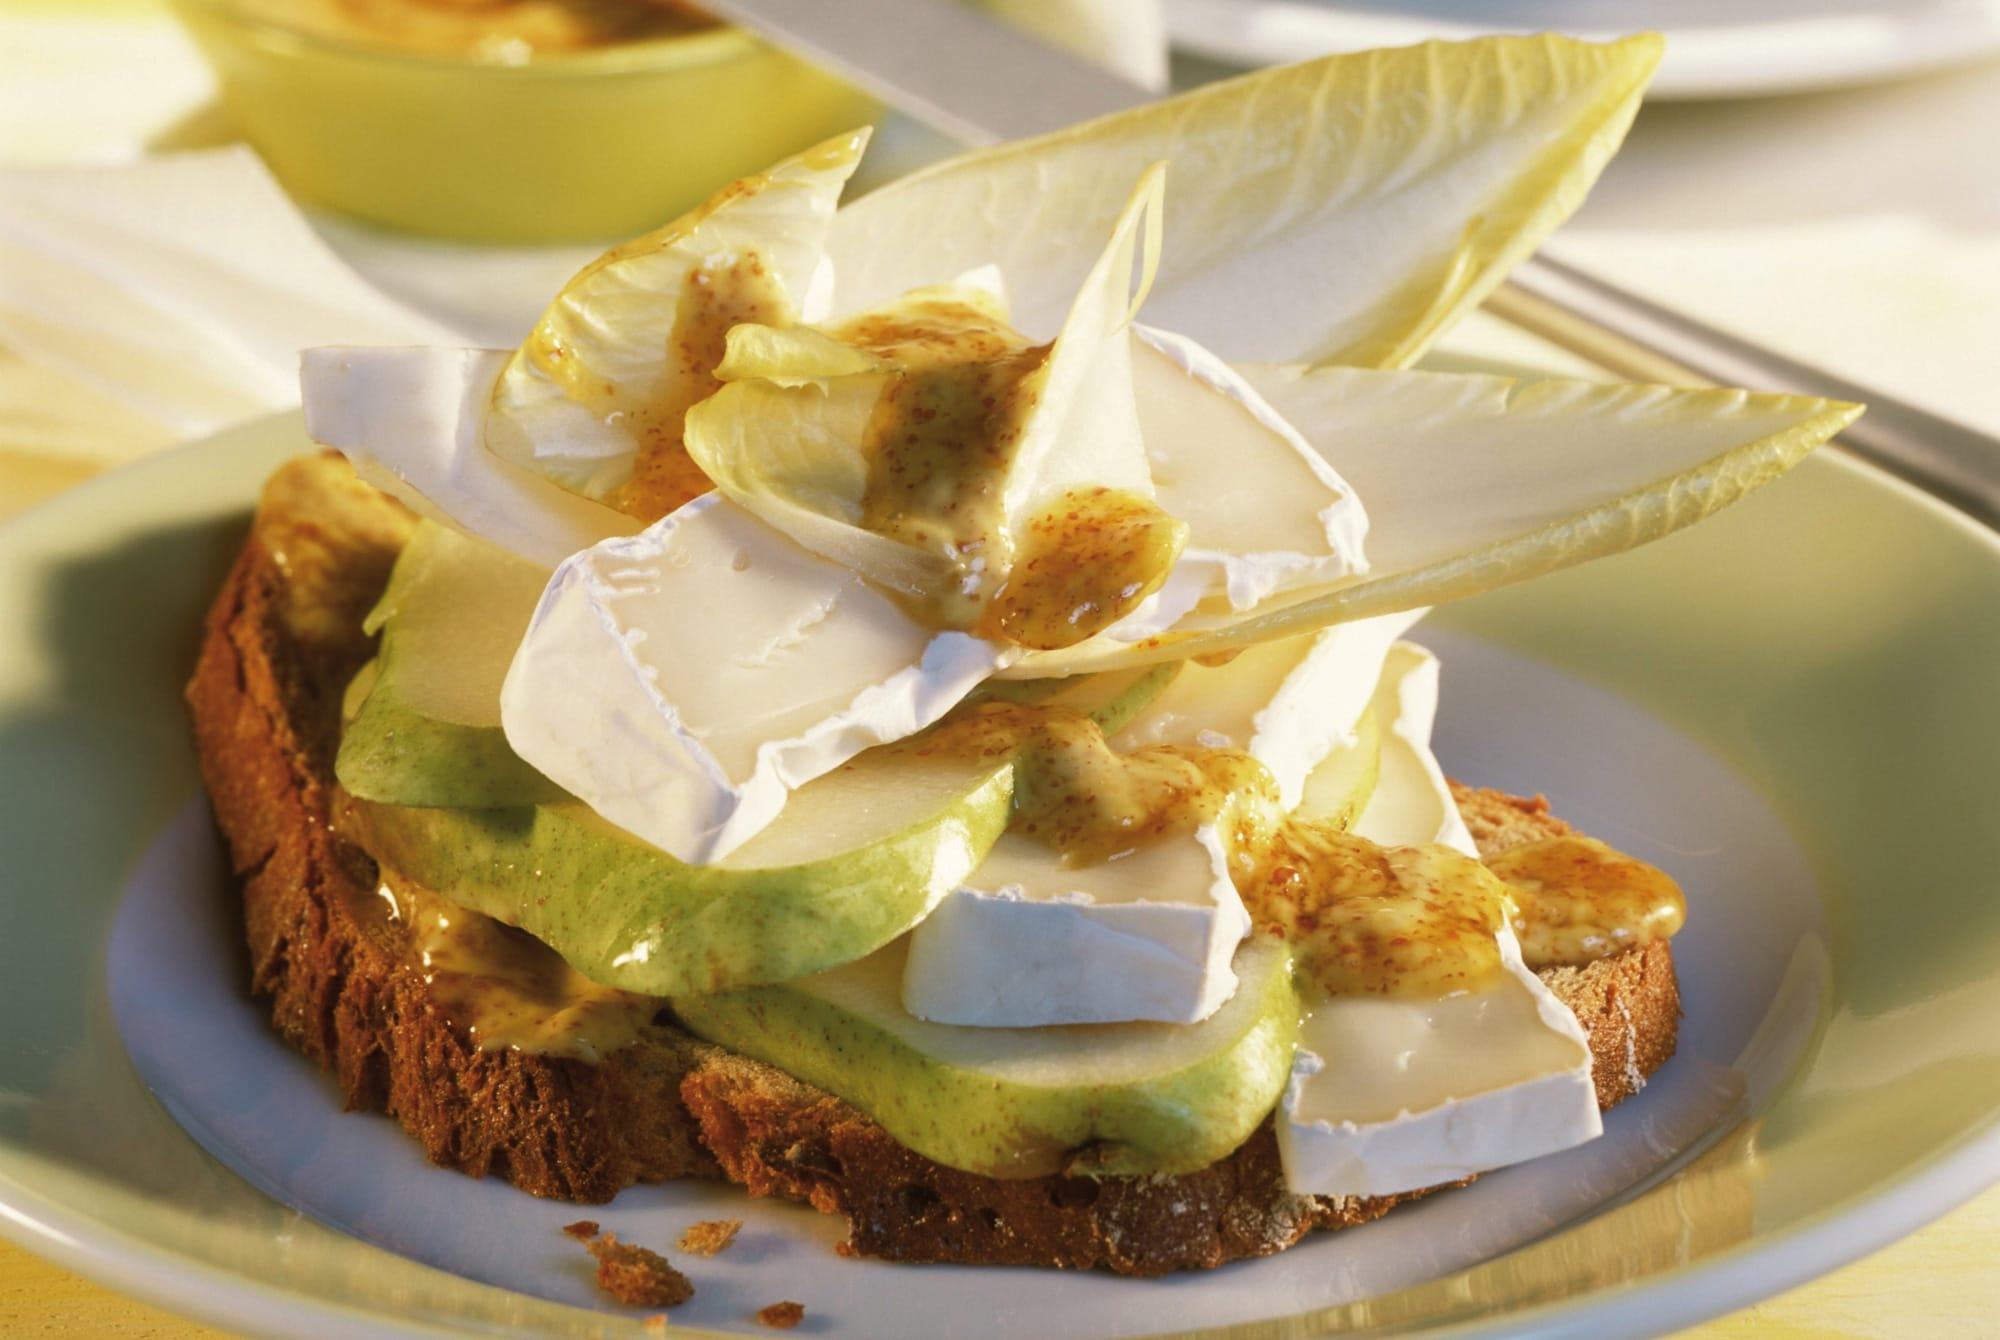 Insalatina di pere e Camembert con senape